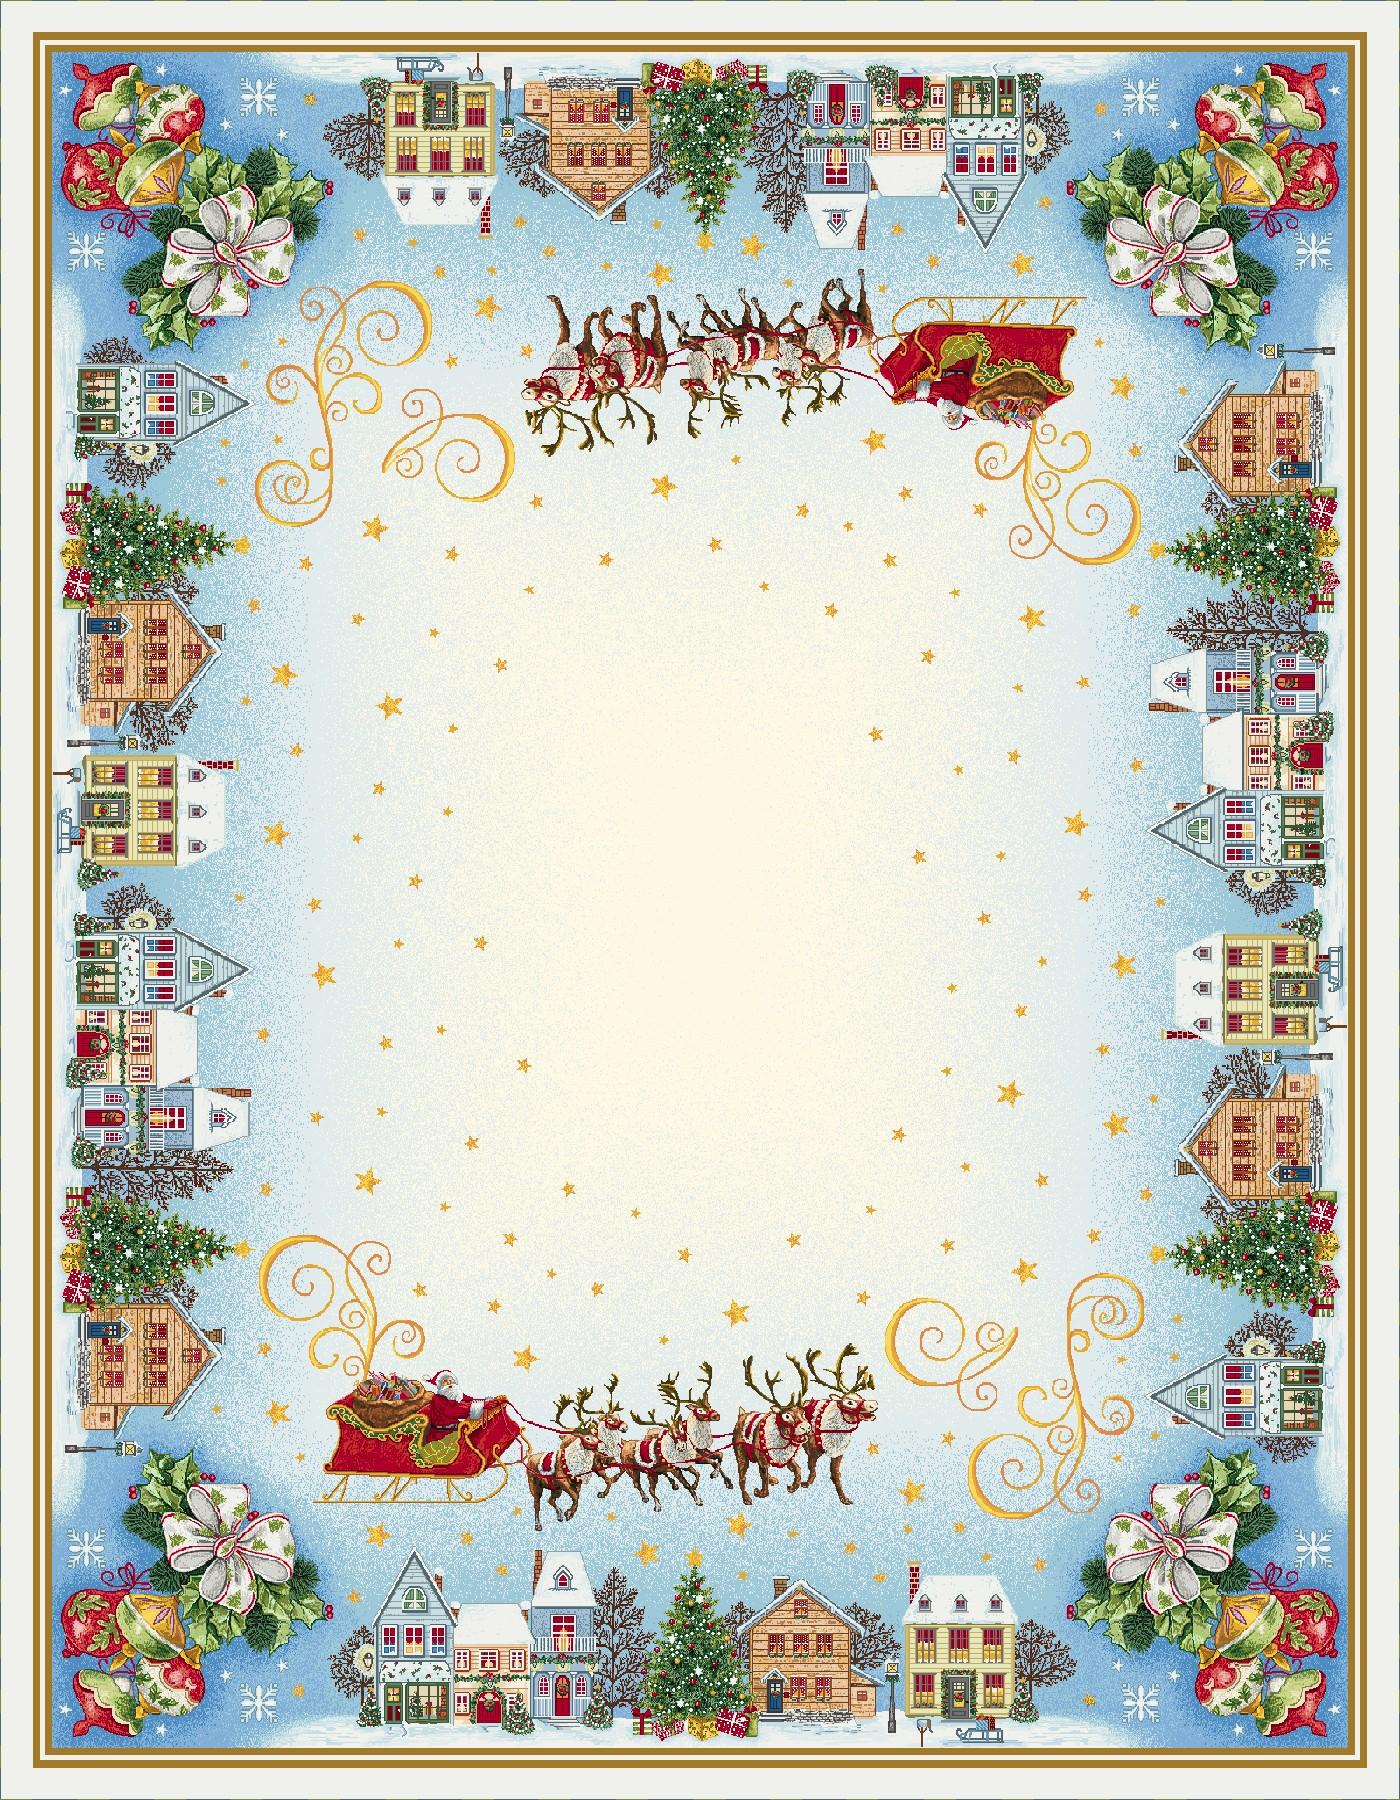 Χριστουγεννιάτικο Τραπεζομάντηλο 140x180 Vassiliadis Comet